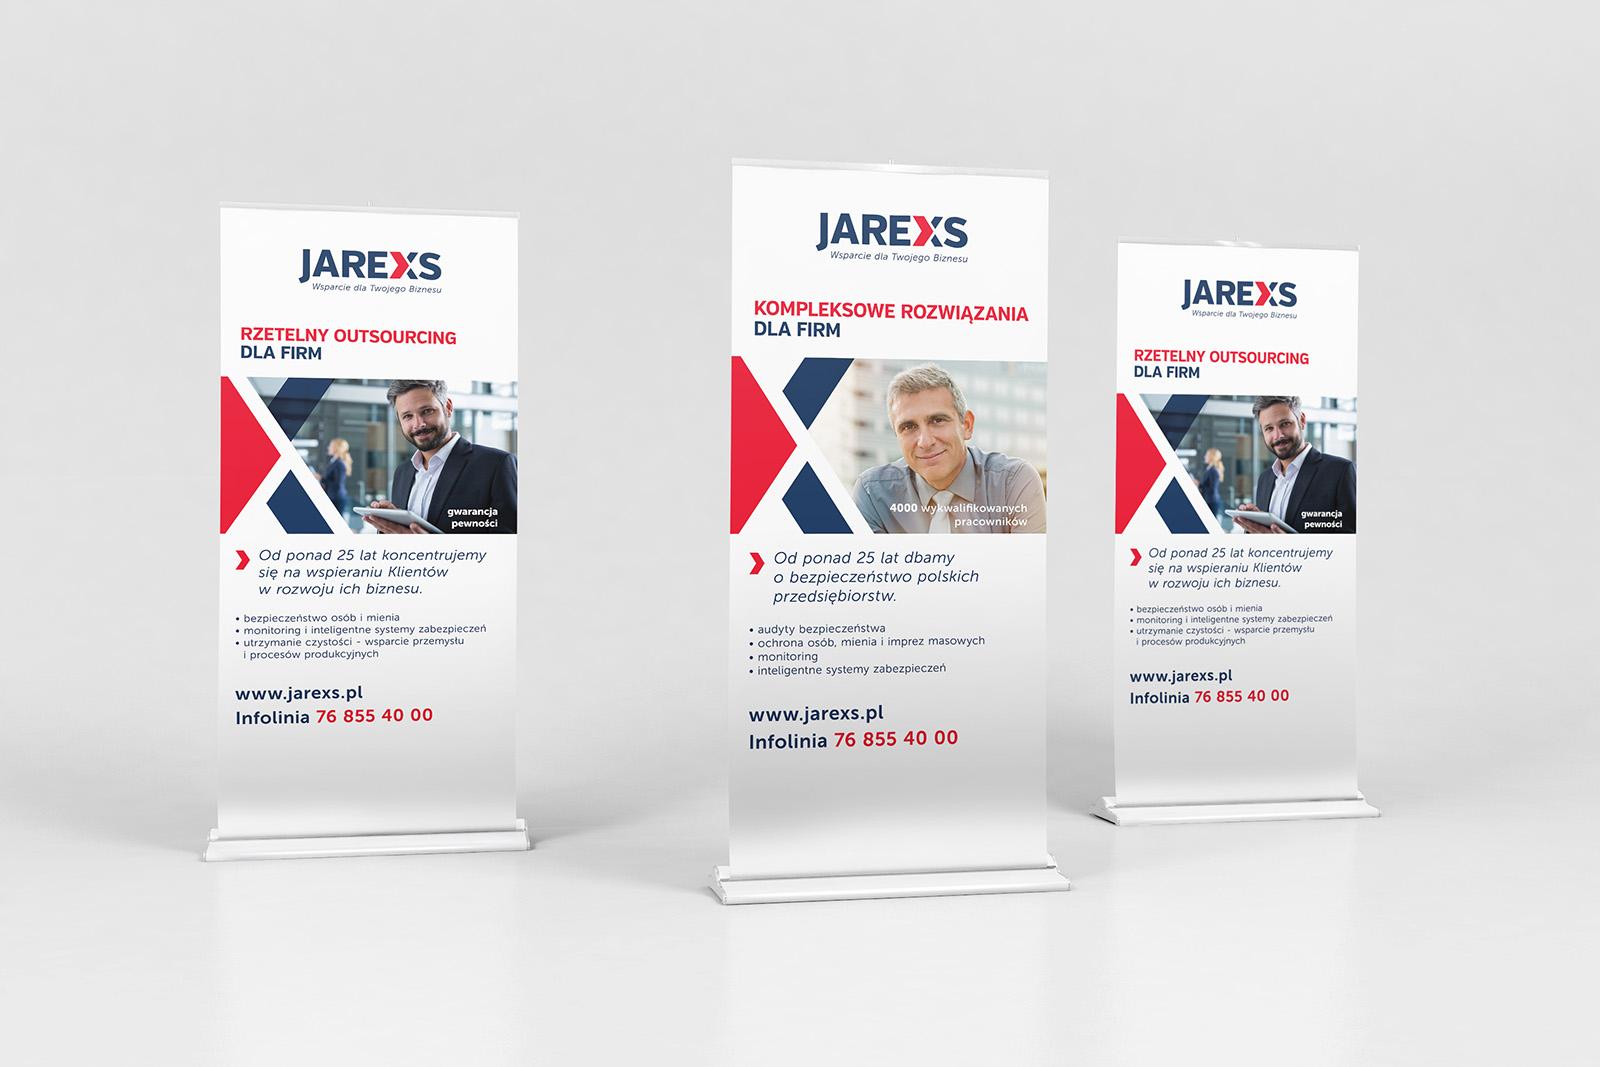 jarexs rollupy_wiz.jpg